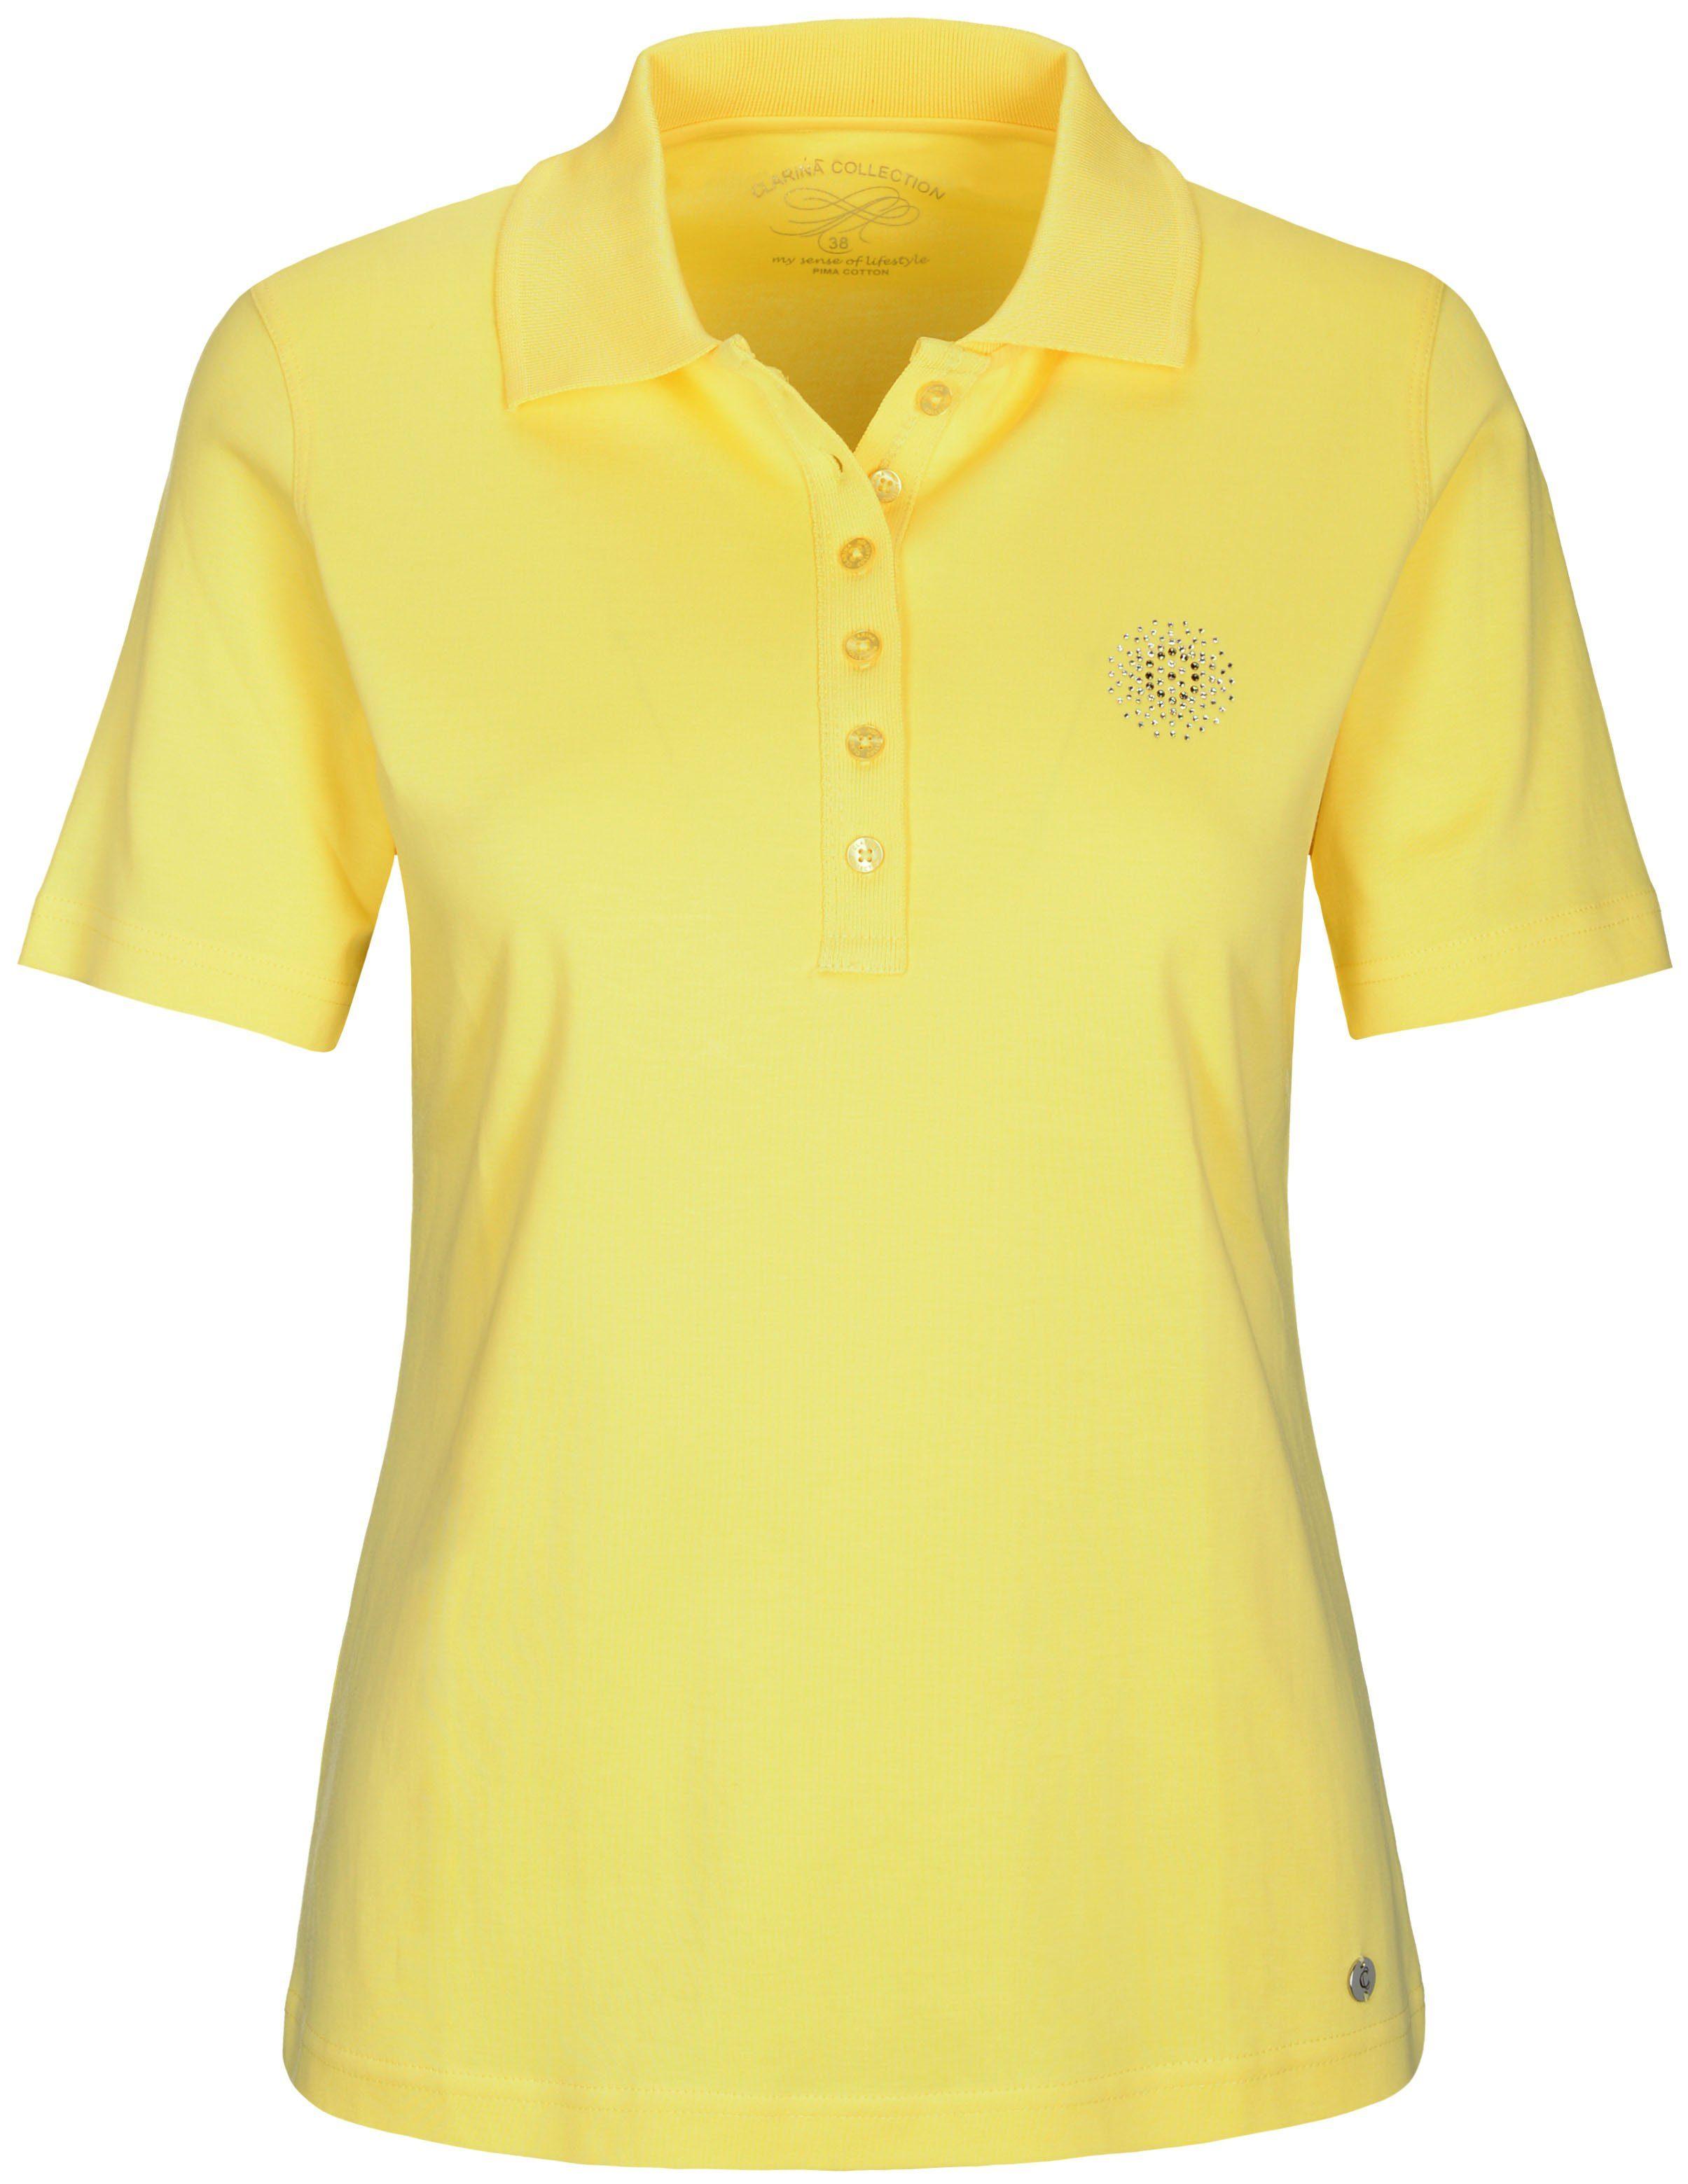 Clarina Poloshirt mit Strasssteinchen-Applikation